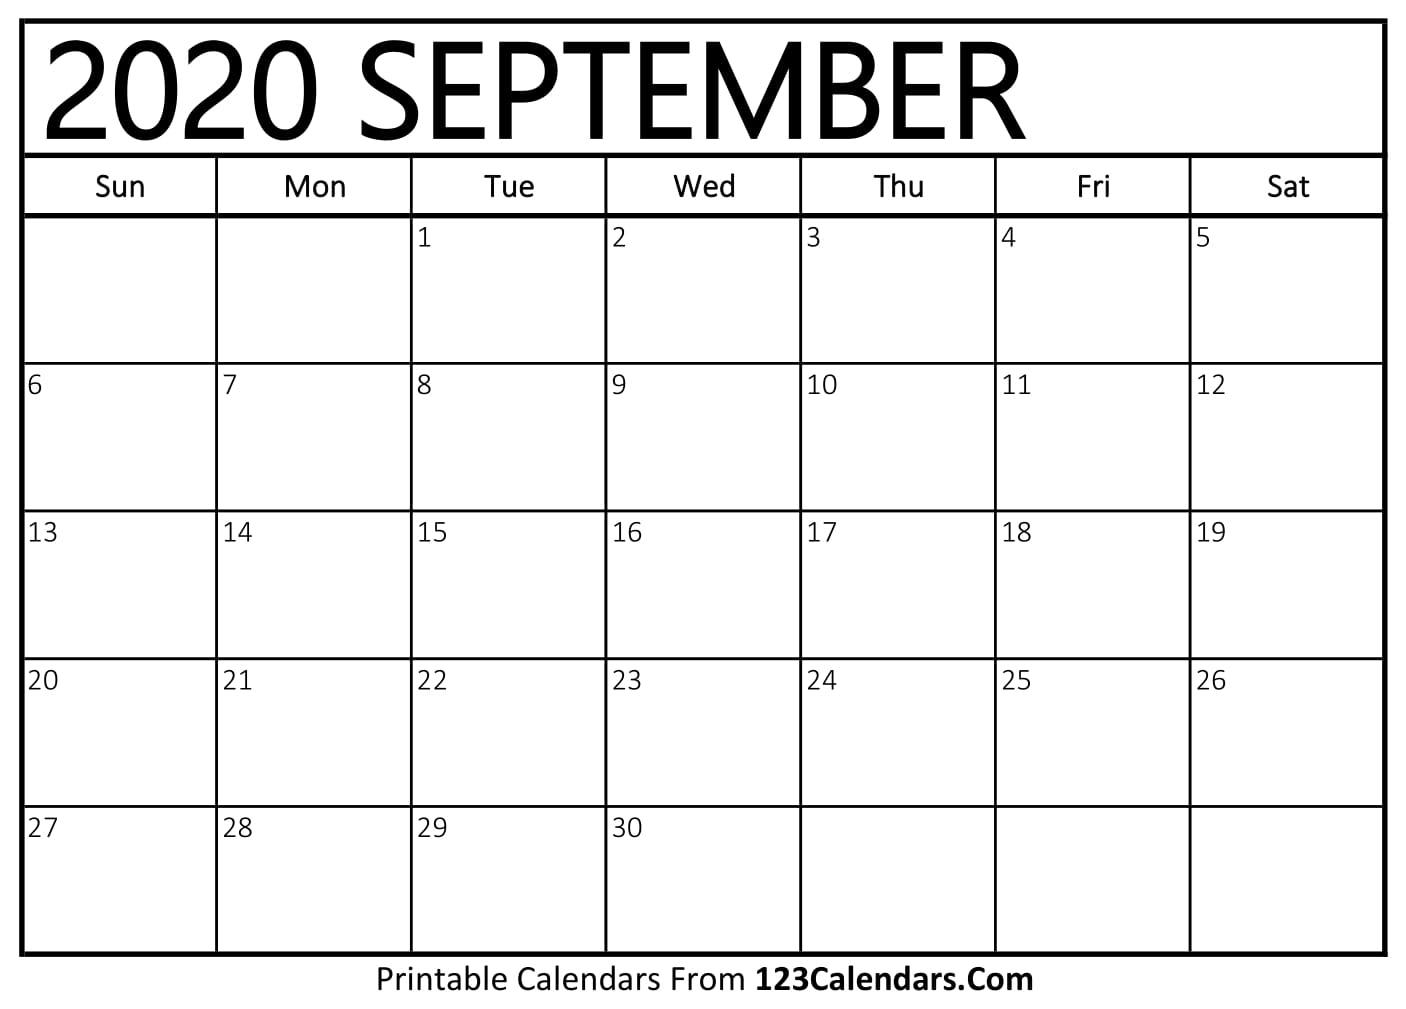 September 2020 Printable Calendar   123Calendars.com   Creative Calendar 2020 September